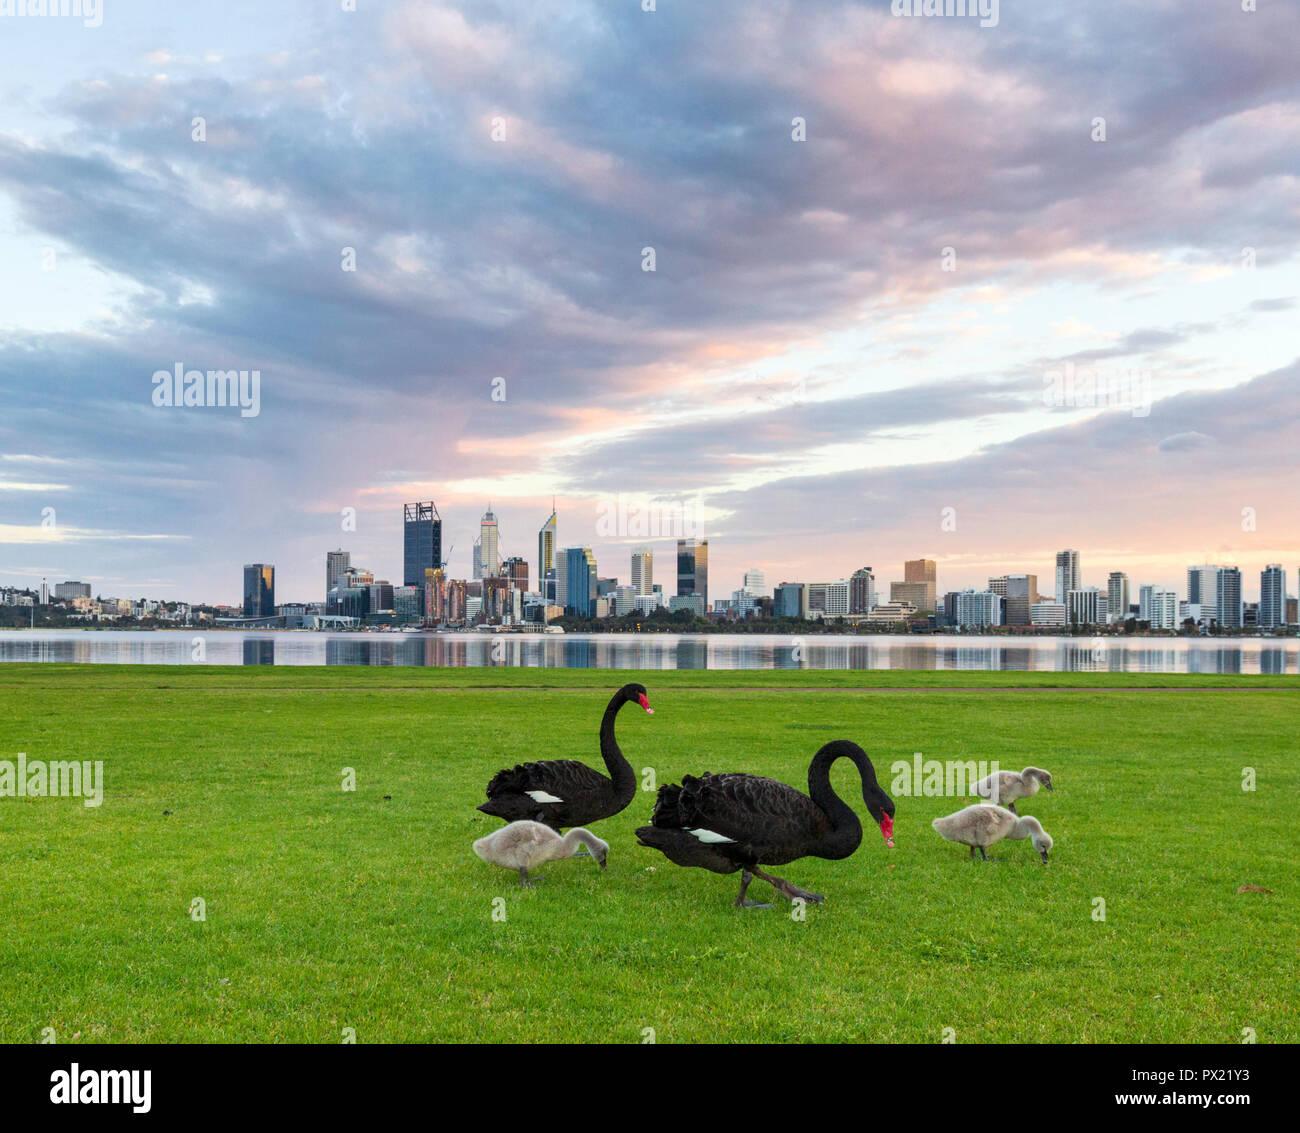 Cisnes negros (Cygnus atratus) y sus cygnets en Sir James Mitchell Park en el sur de Perth, Australia Occidental. Imagen De Stock